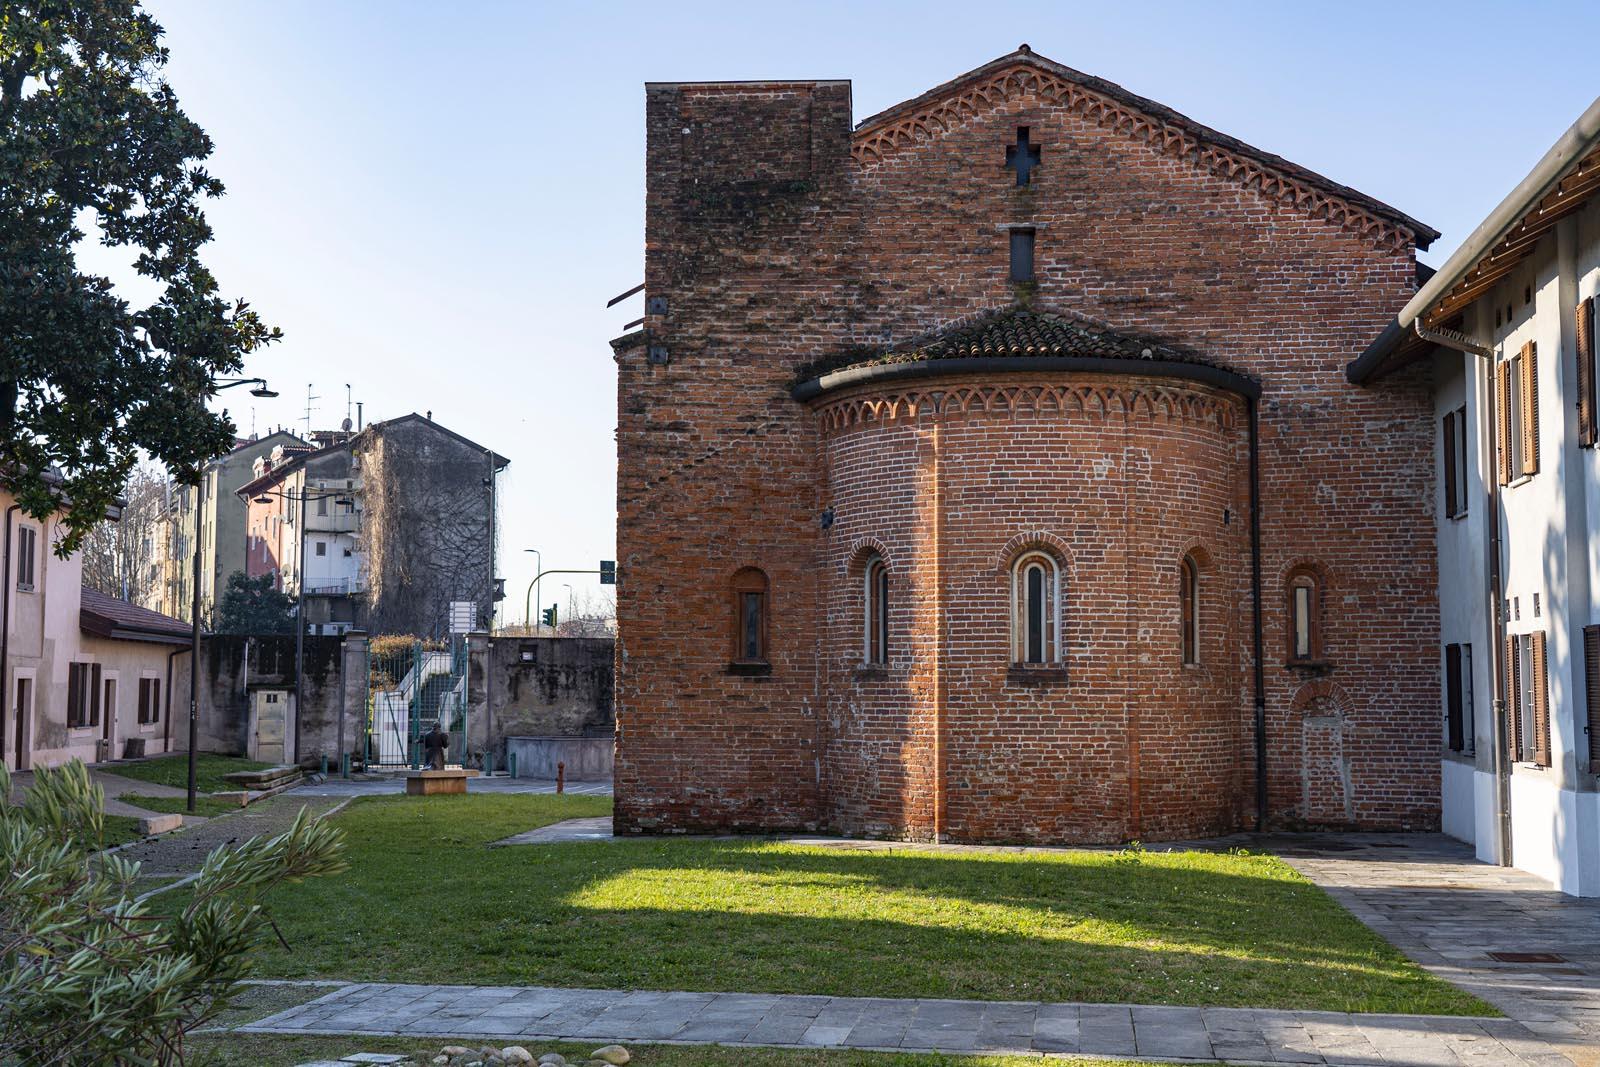 chiesa-santa-maria-alla-fonte-milano-419